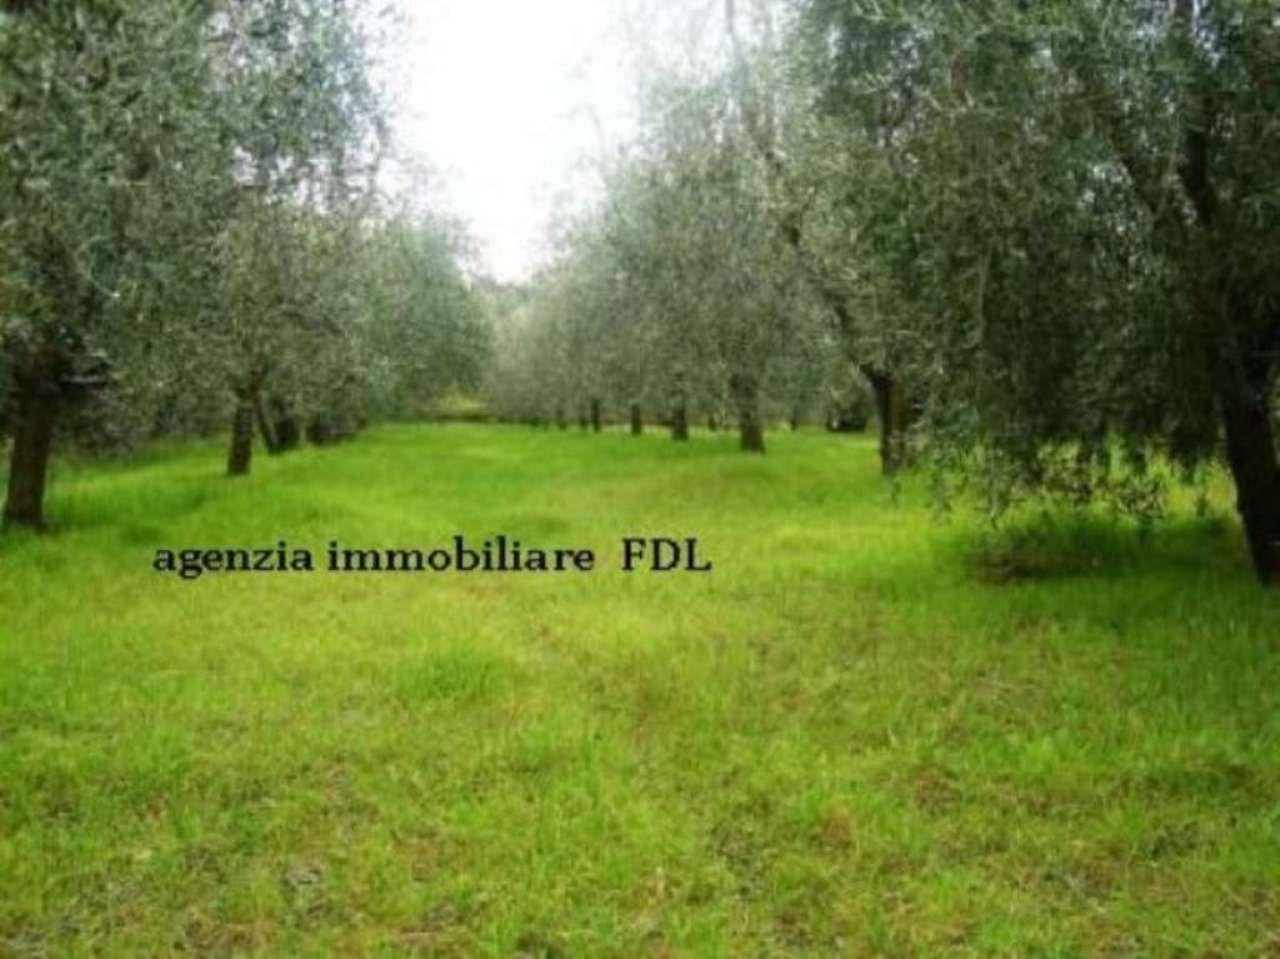 Terreno Agricolo in vendita a Montopoli in Val d'Arno, 9999 locali, Trattative riservate | Cambio Casa.it